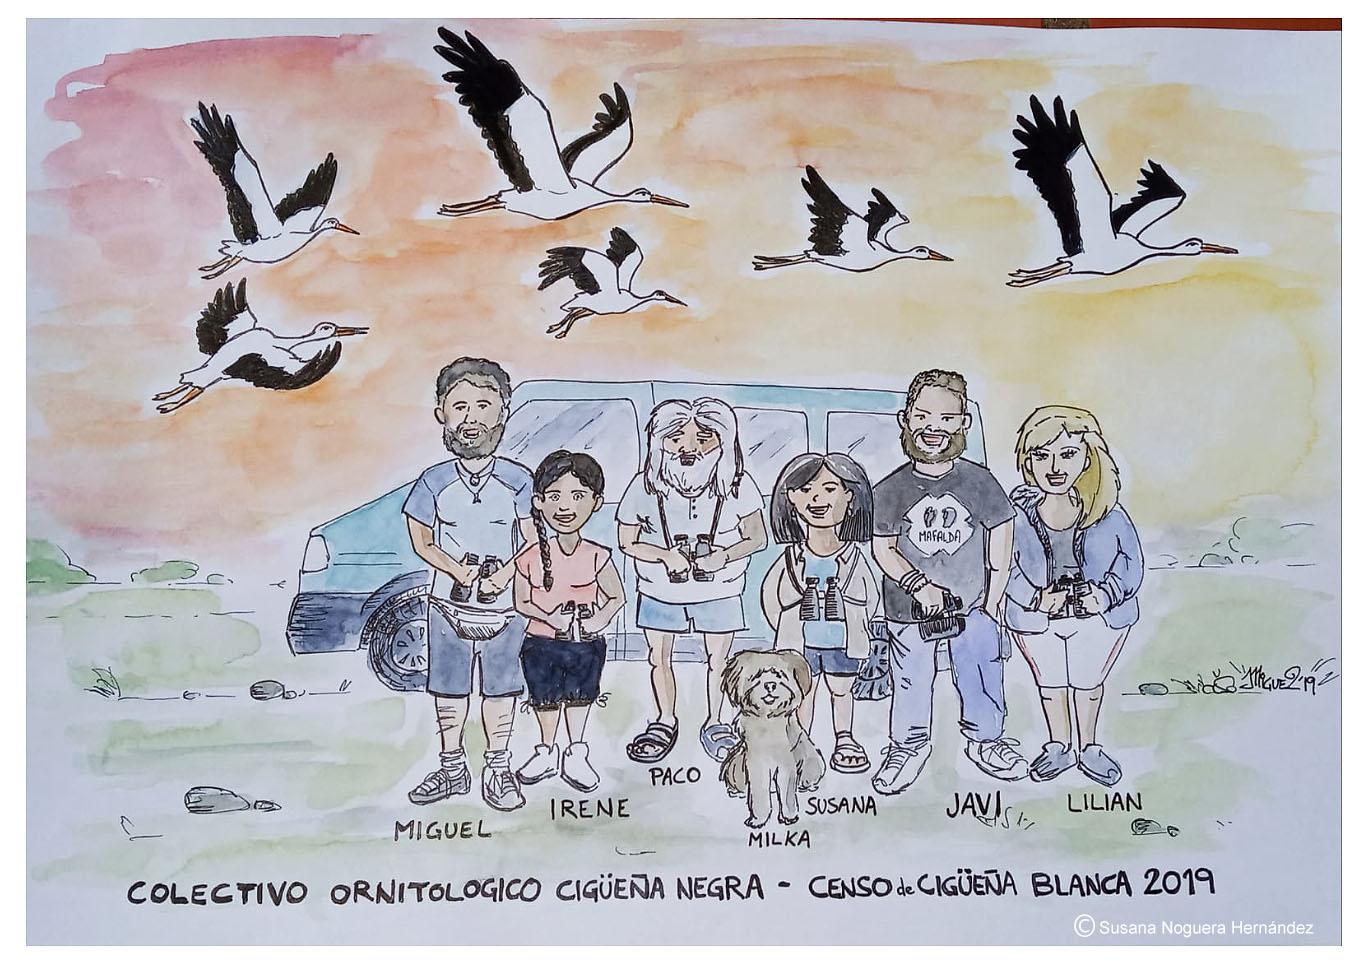 Dibujo del equipo de voluntarios realizado por uno de ellos, Miguel. Imagen: Susana Noguera Hernández